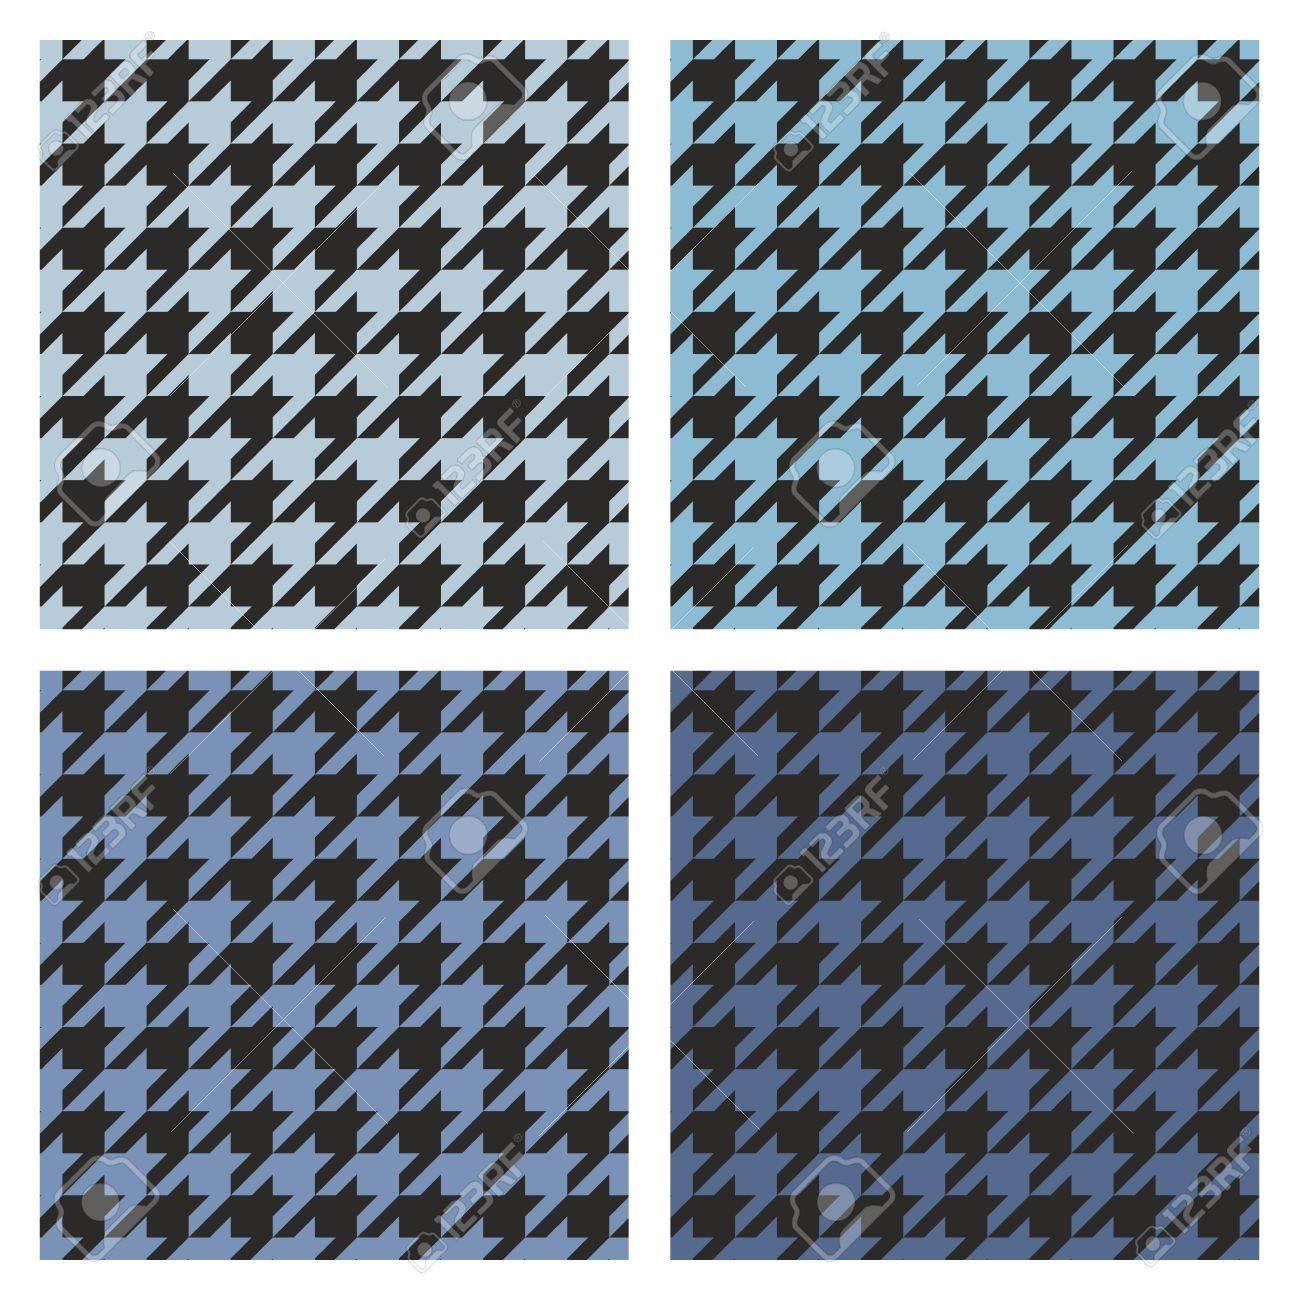 千鳥格子ベクトルのシームレスなネイビー ブルーと黒のパターンを設定します デスクトップの壁紙やウェブサイトのデザインの不織布レトロの闇と光のタータン チェックのツイード ファッション背景のイラスト素材 ベクタ Image